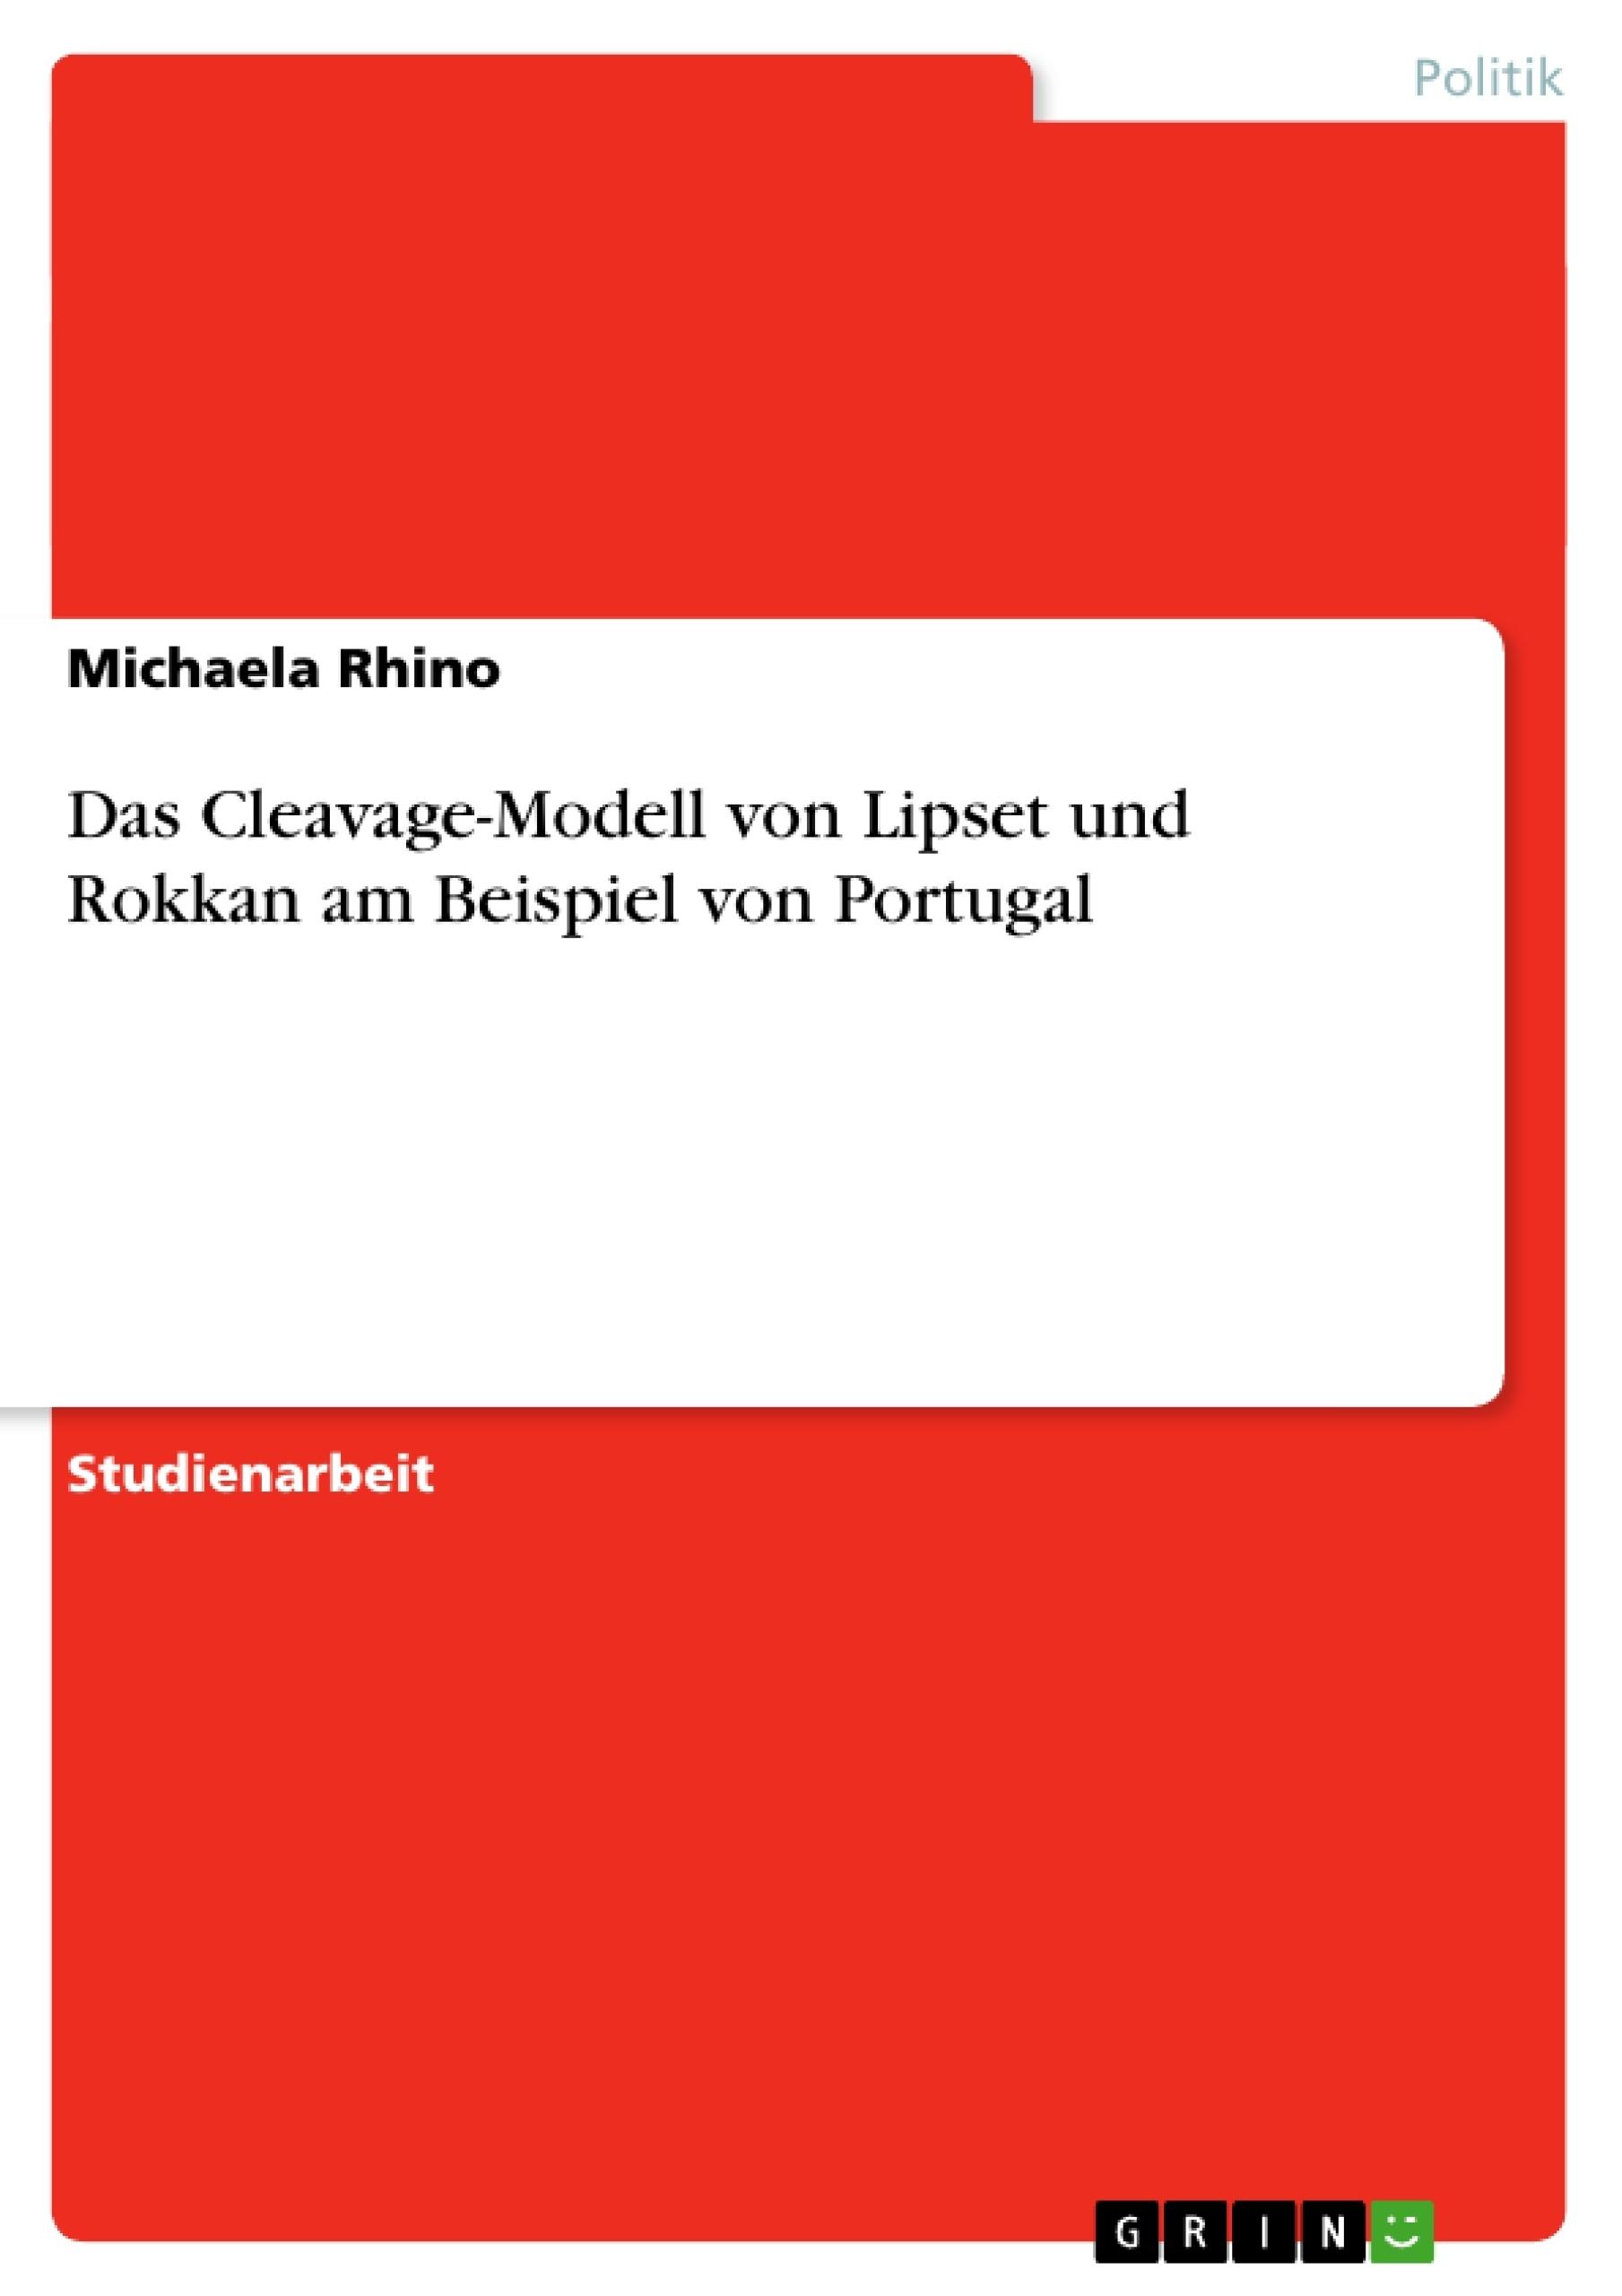 Titel: Das Cleavage-Modell von Lipset und Rokkan am Beispiel von Portugal